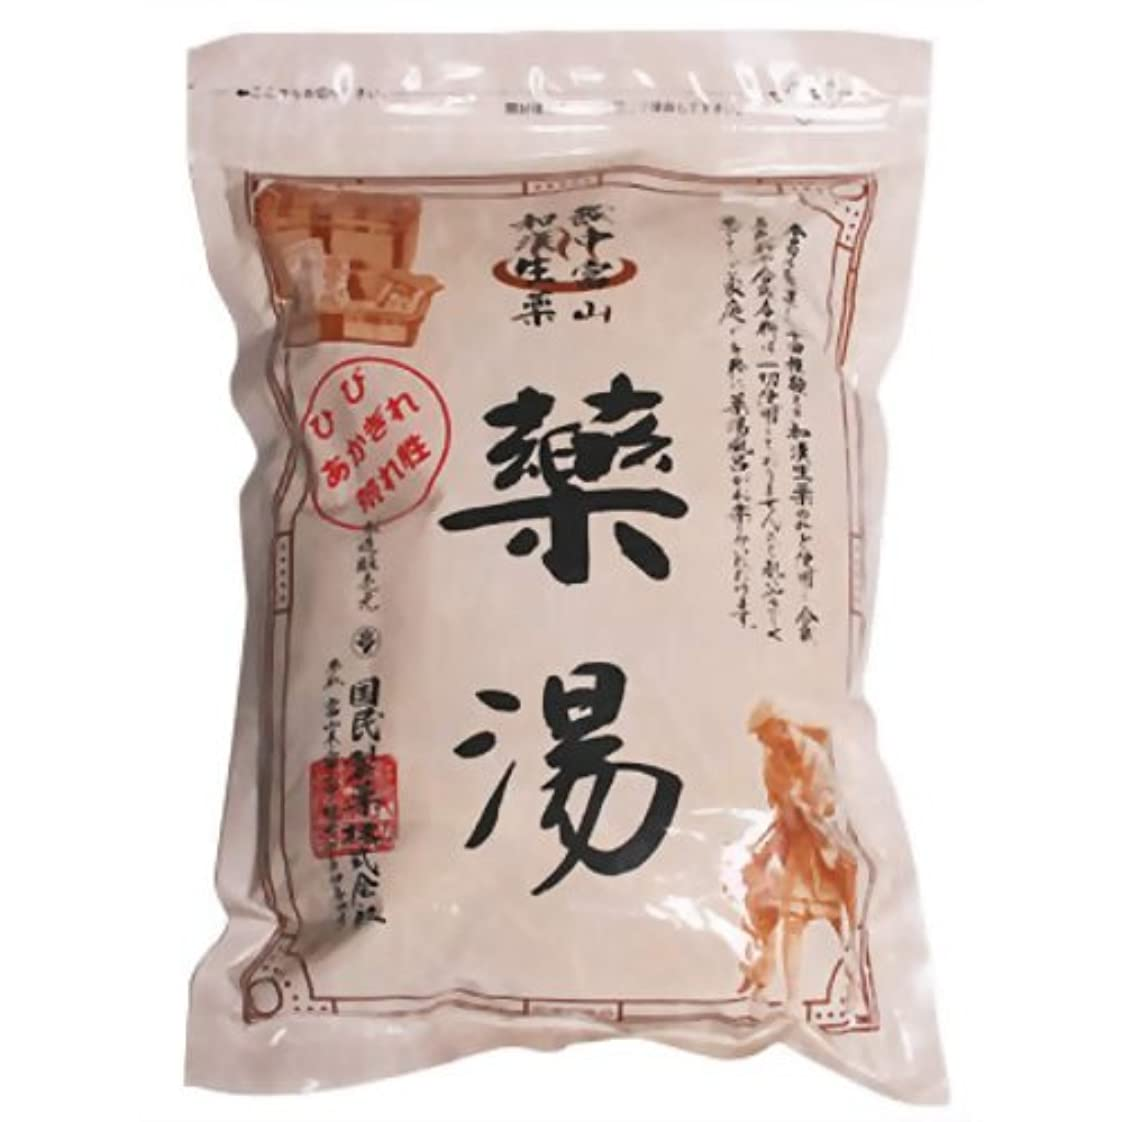 示す寛容目指す薬湯 寿湯 40g*10包(入浴剤)